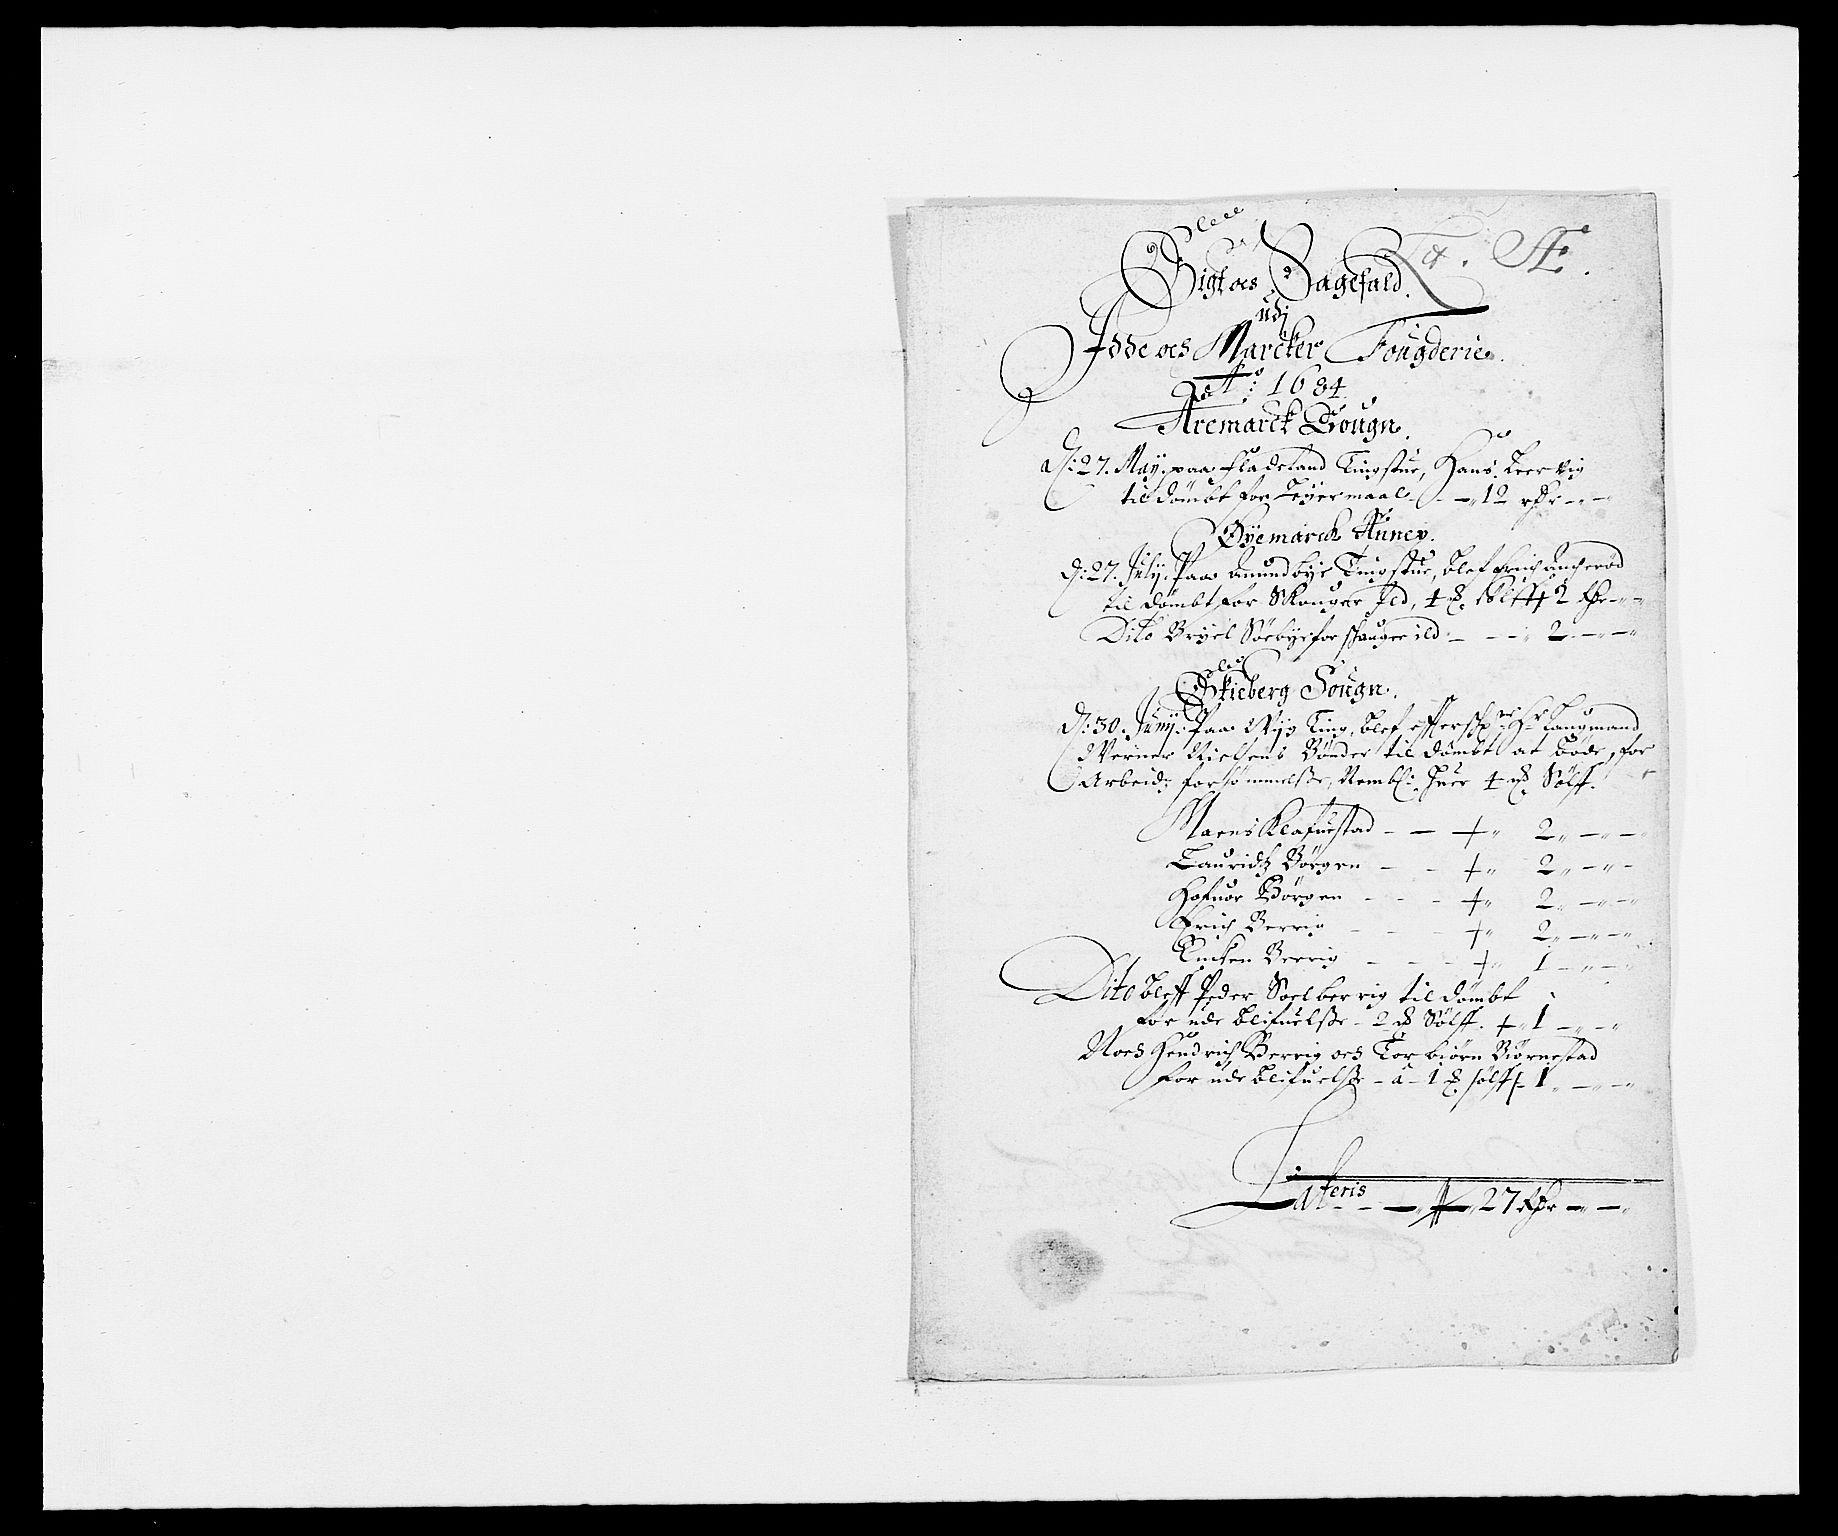 RA, Rentekammeret inntil 1814, Reviderte regnskaper, Fogderegnskap, R01/L0005: Fogderegnskap Idd og Marker , 1682-1684, s. 67